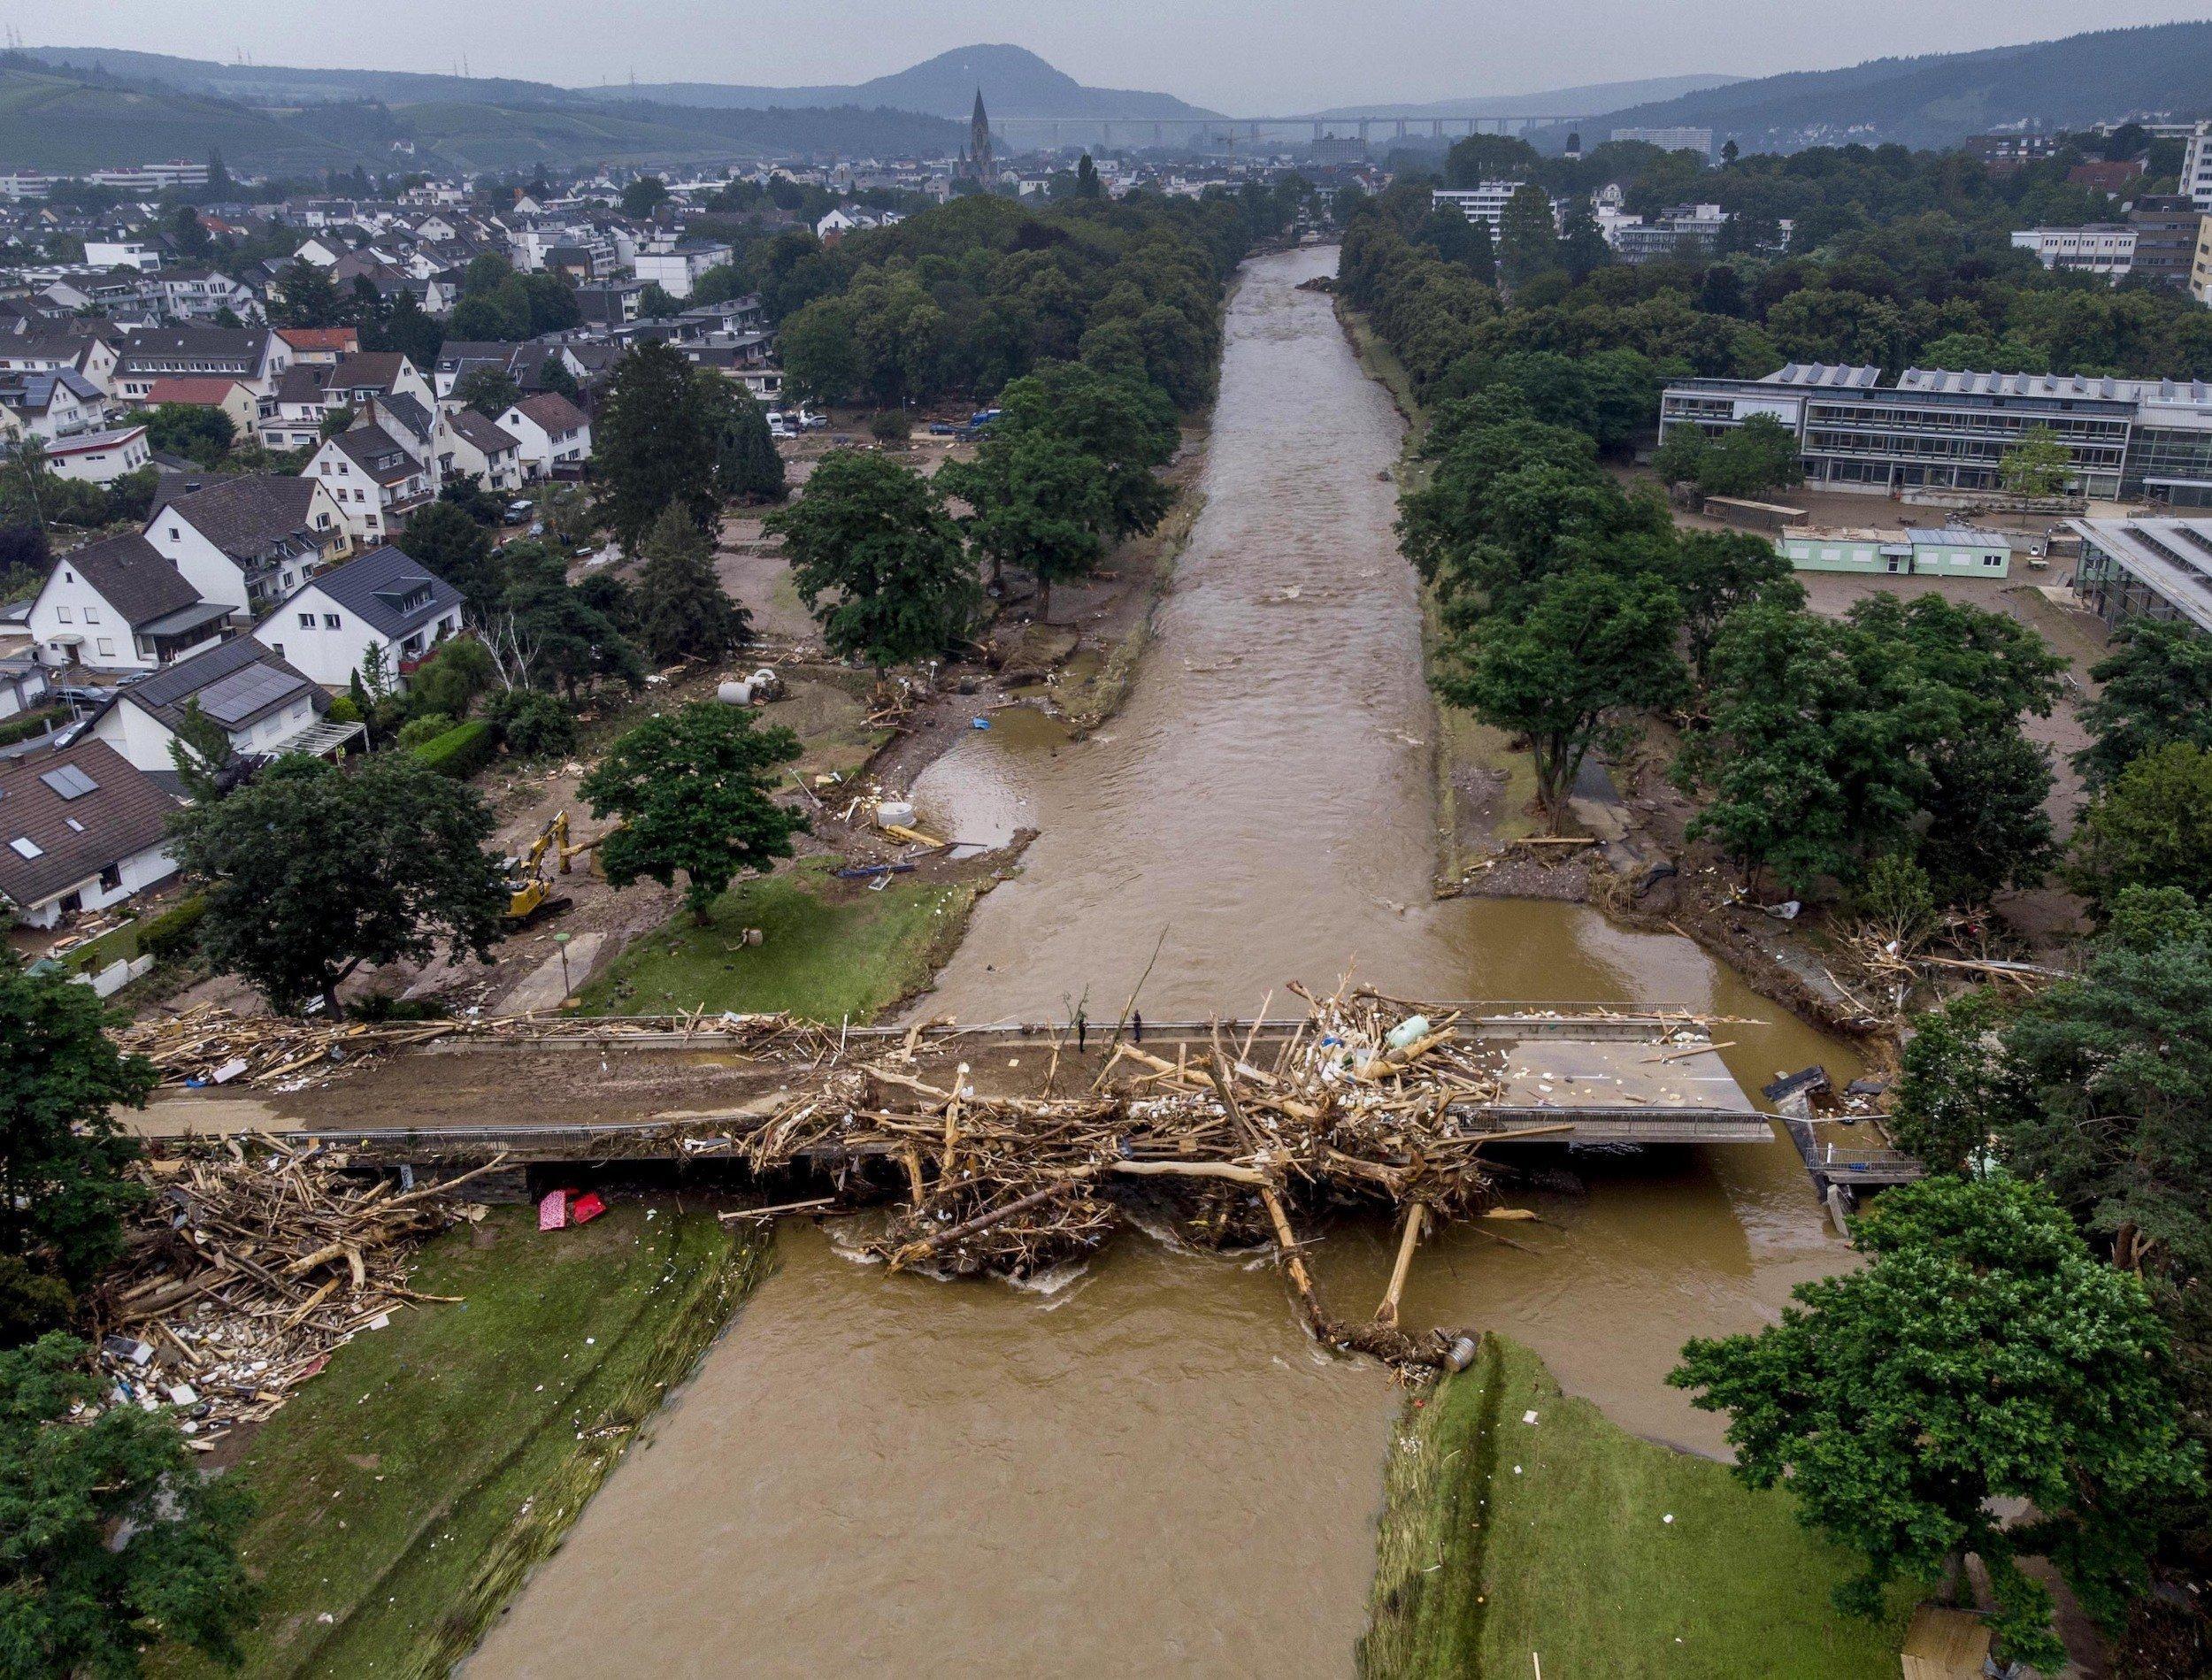 Geradliniger Ahr-Fluss mit stark beschädigter Brücke und dicht bebautem Ufer